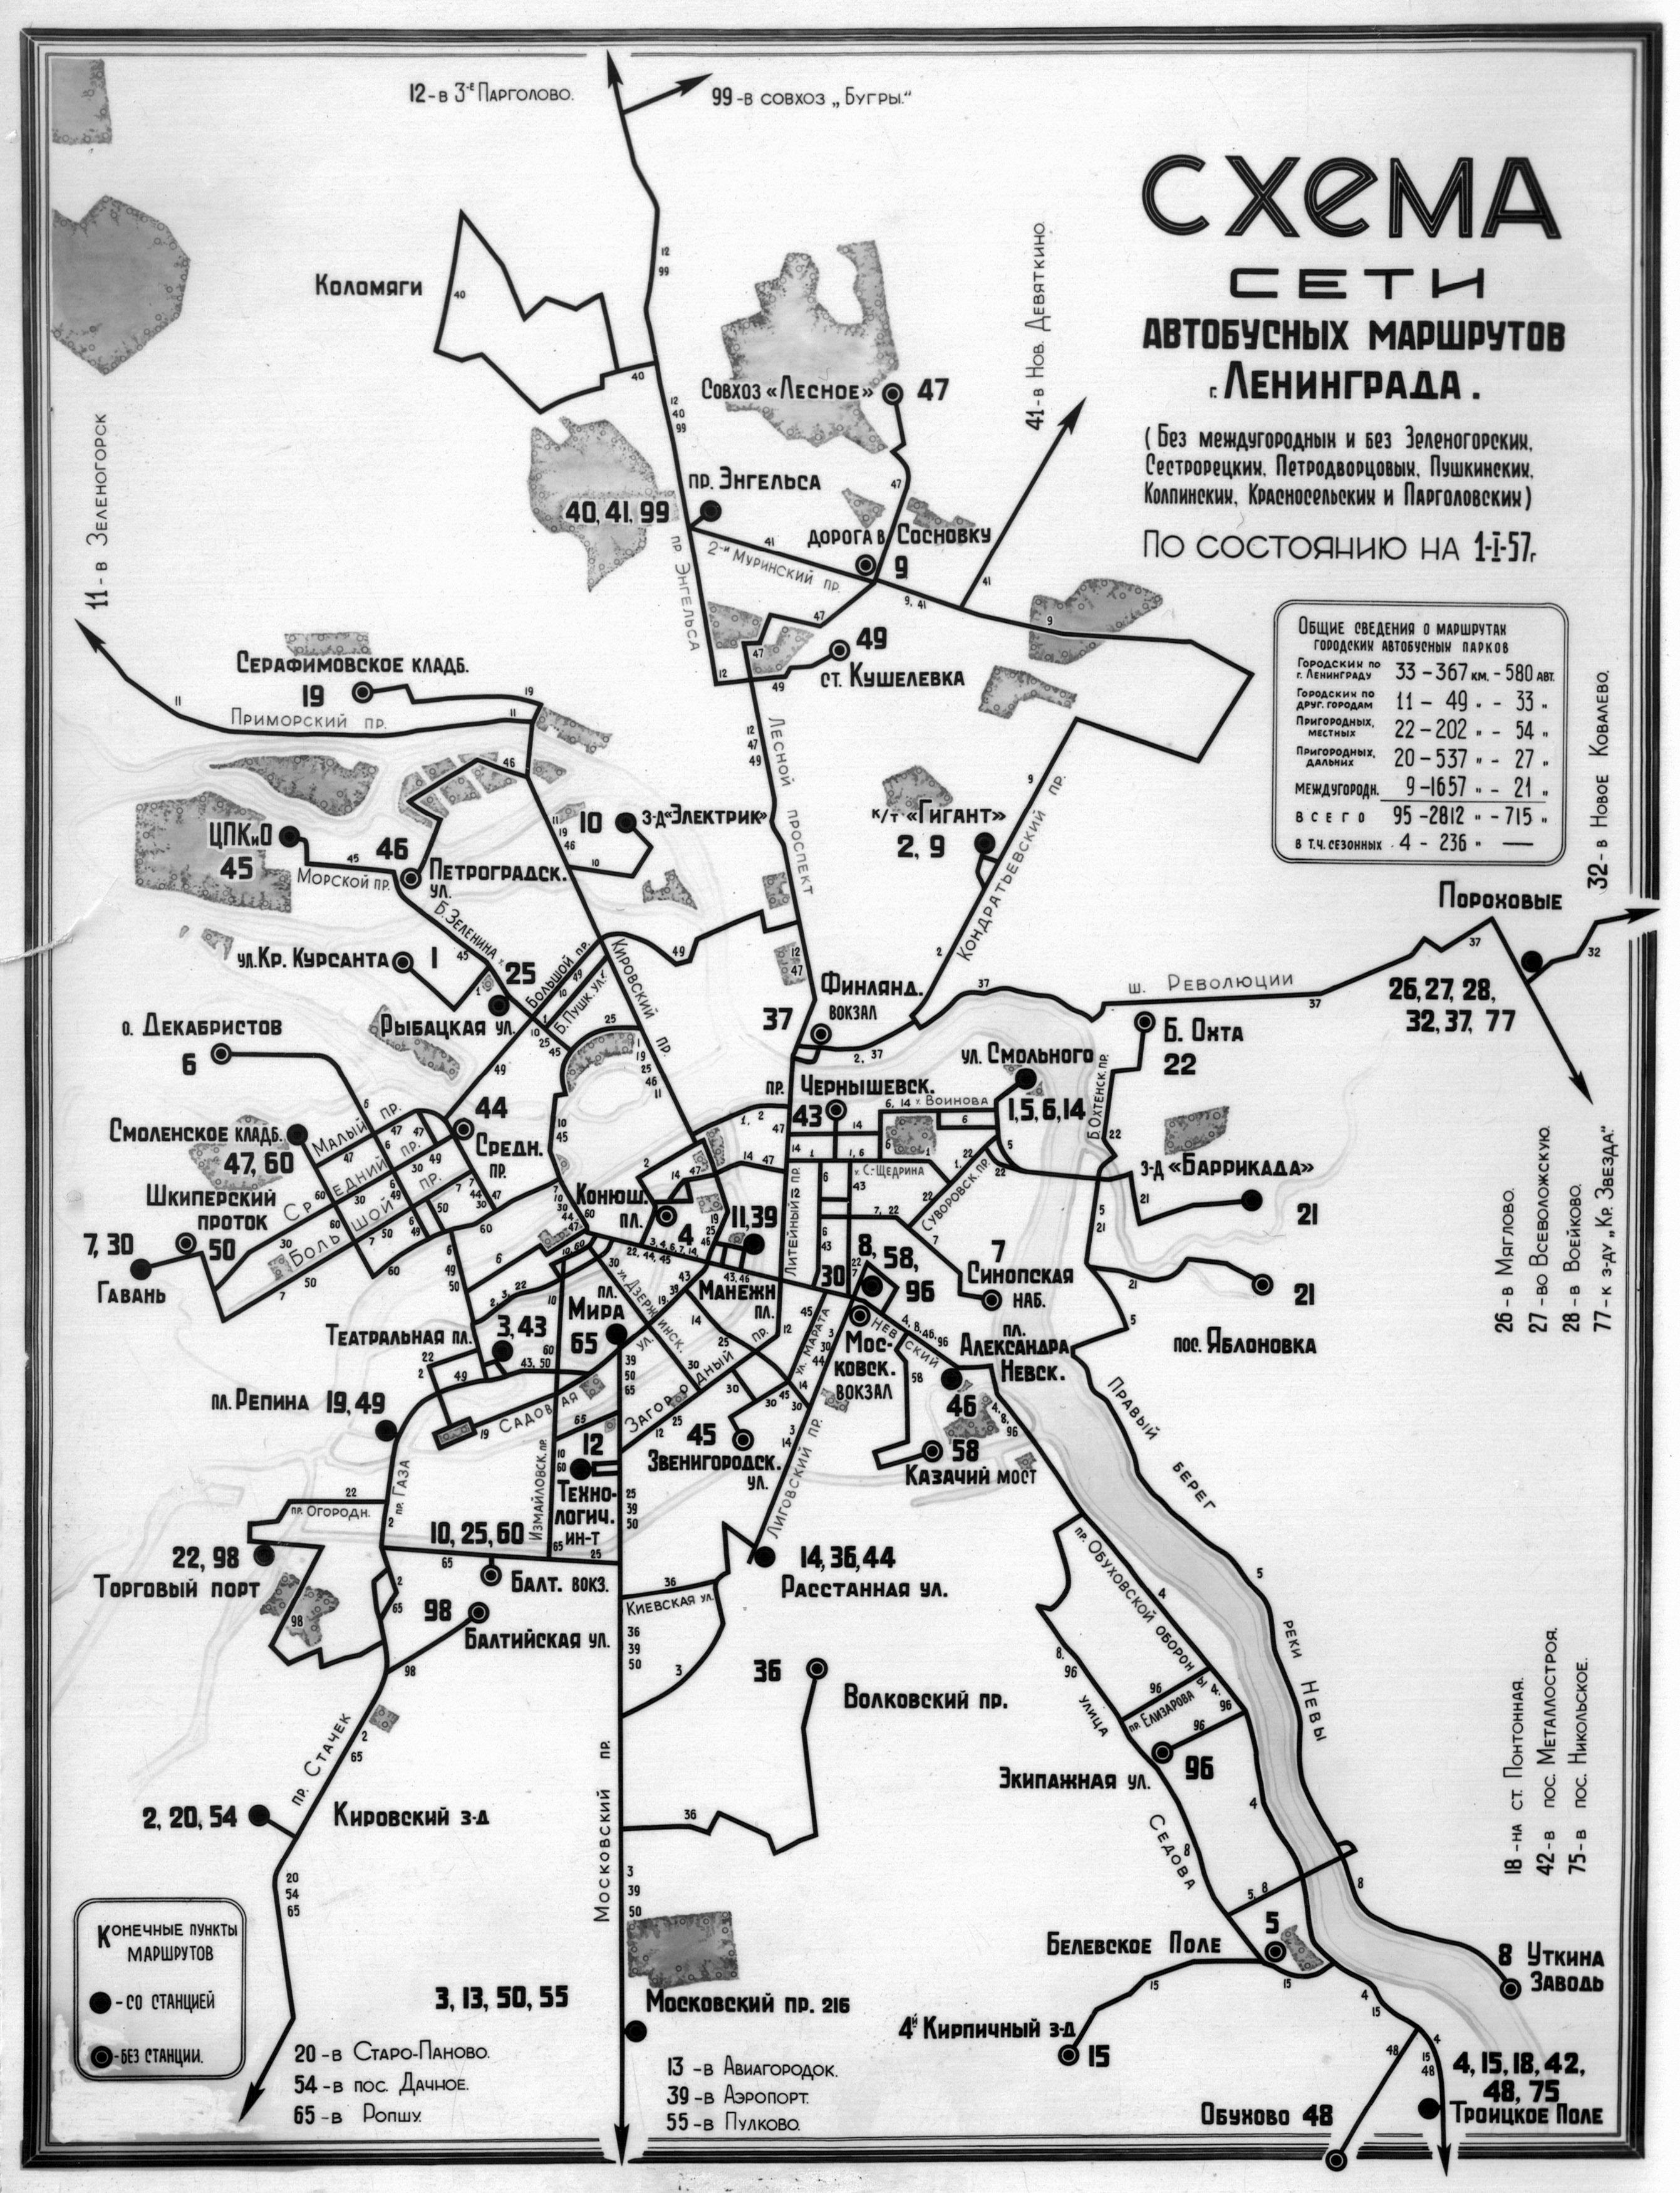 Схема 46 автобуса спб